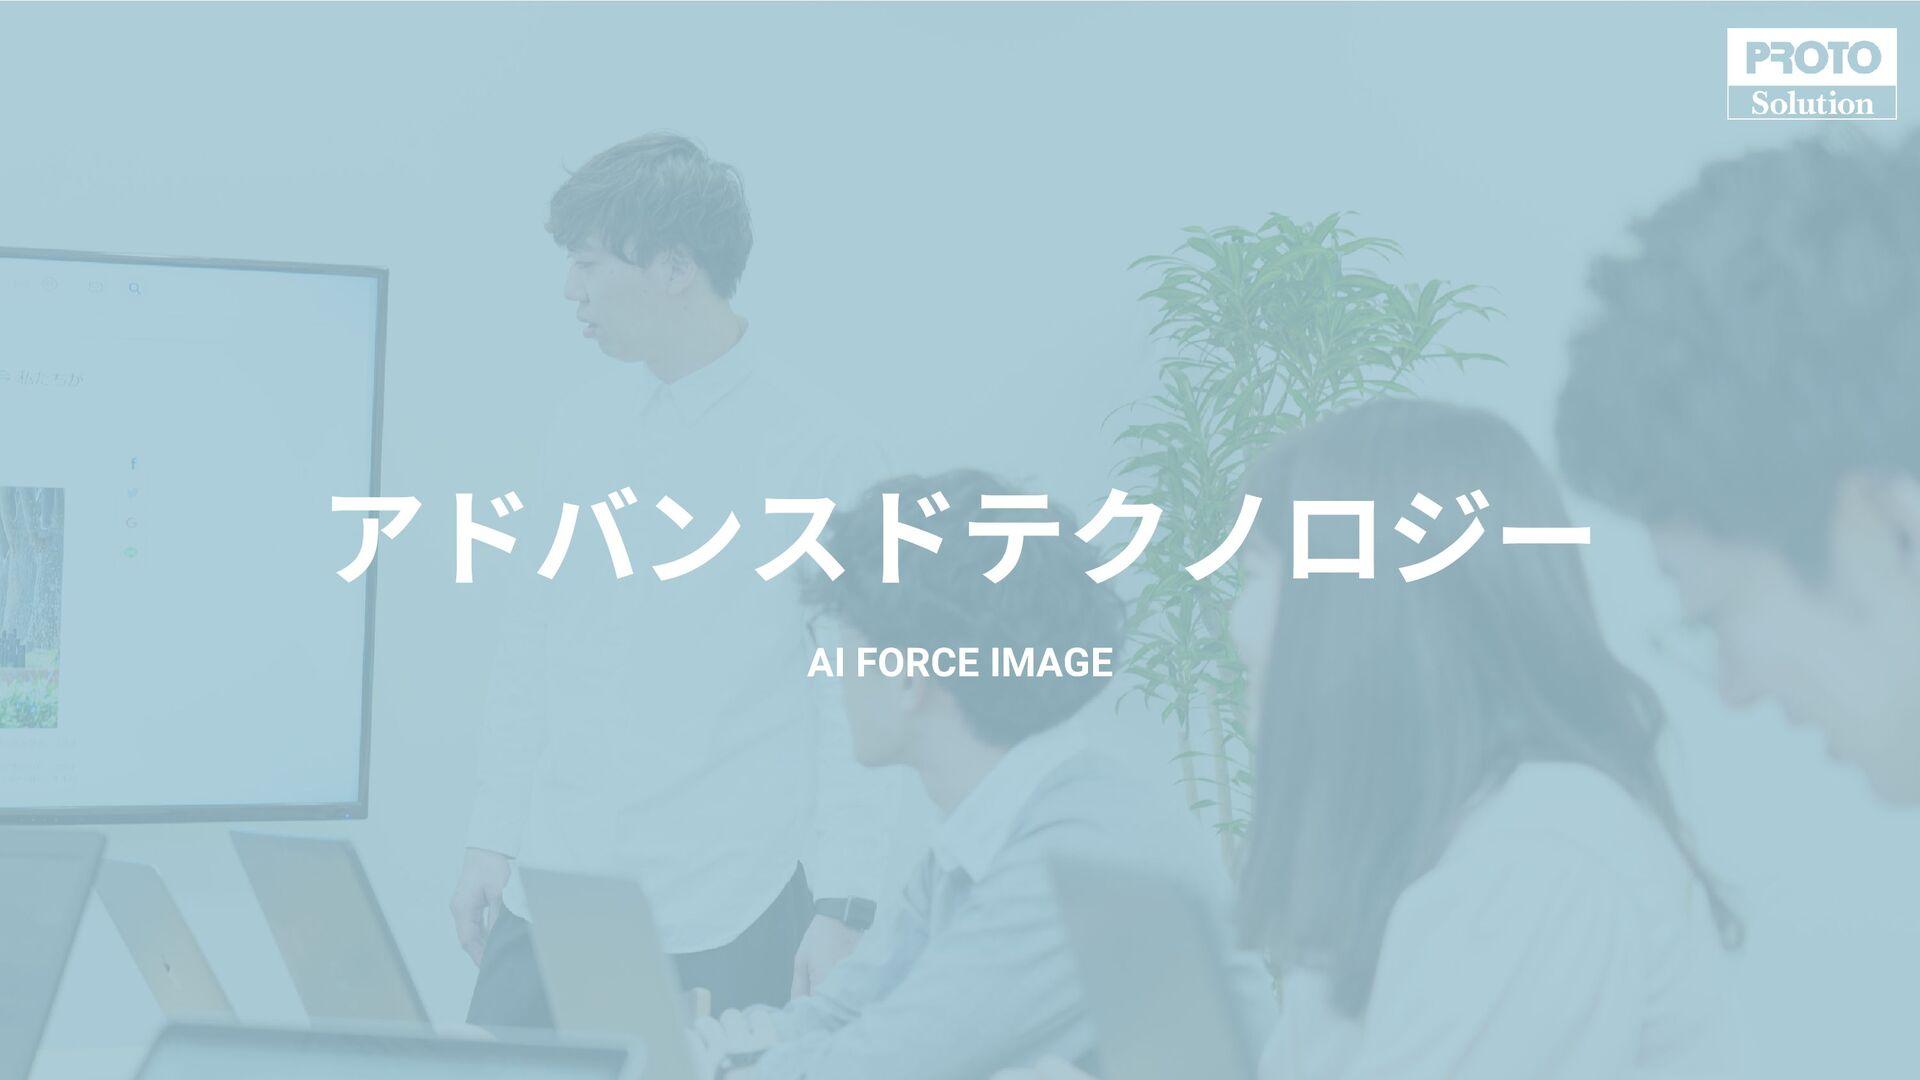 アドバンスドテクノロジー AI FORCE IMAGE